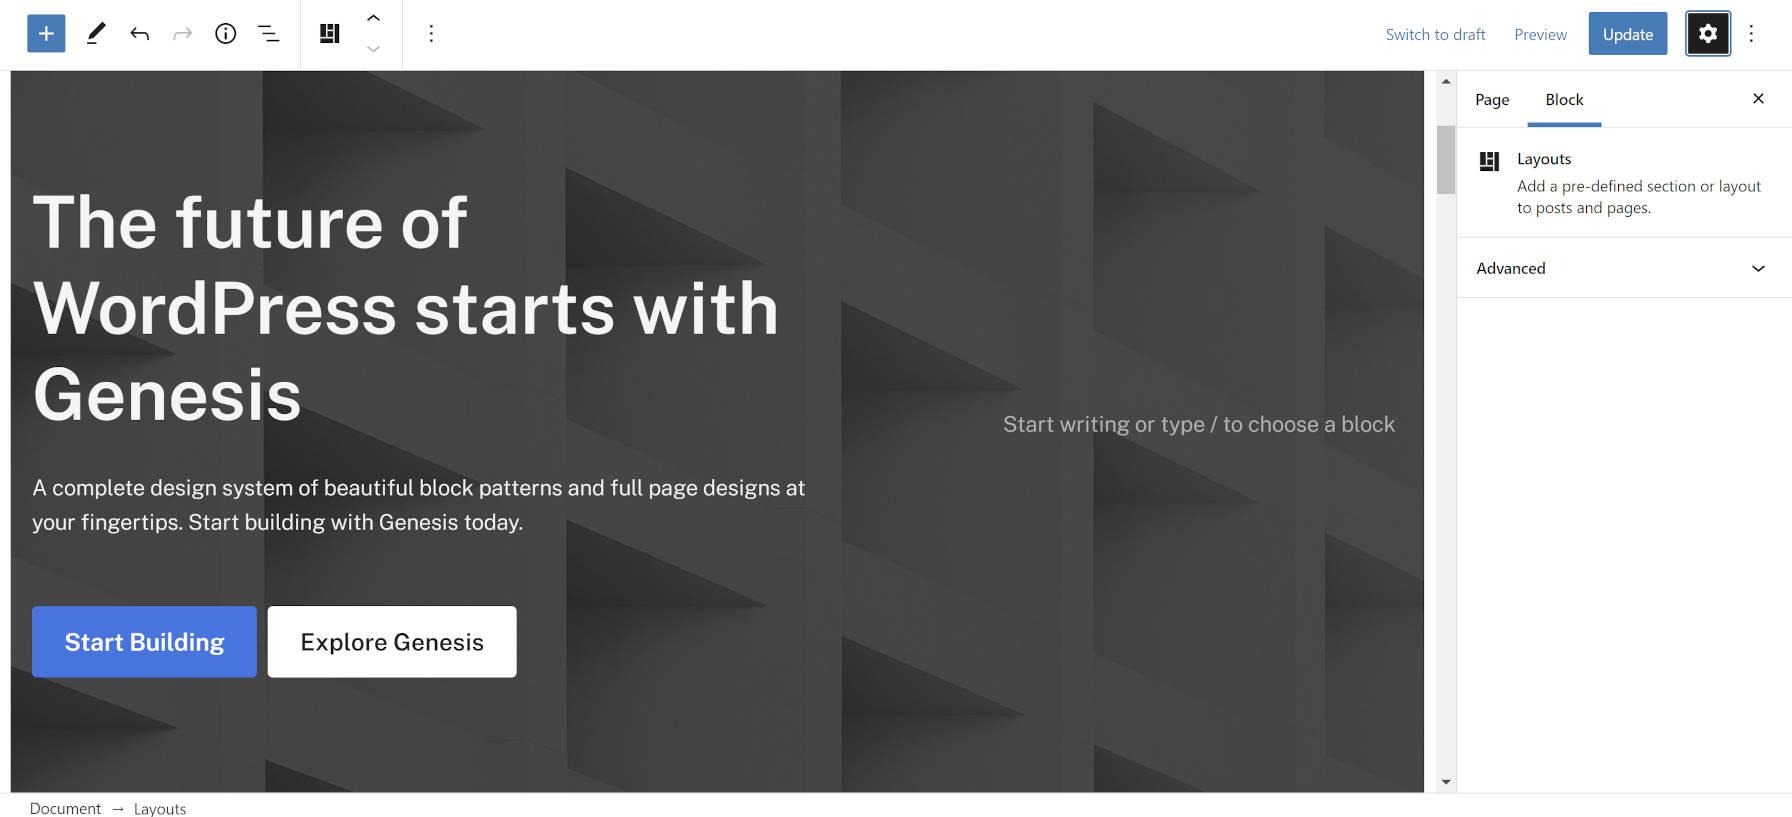 创世纪-主题-beta-studiopress追求一个区块的第一个未来创世纪-主题主题beta,StudioPress追求第一个-未来的未来